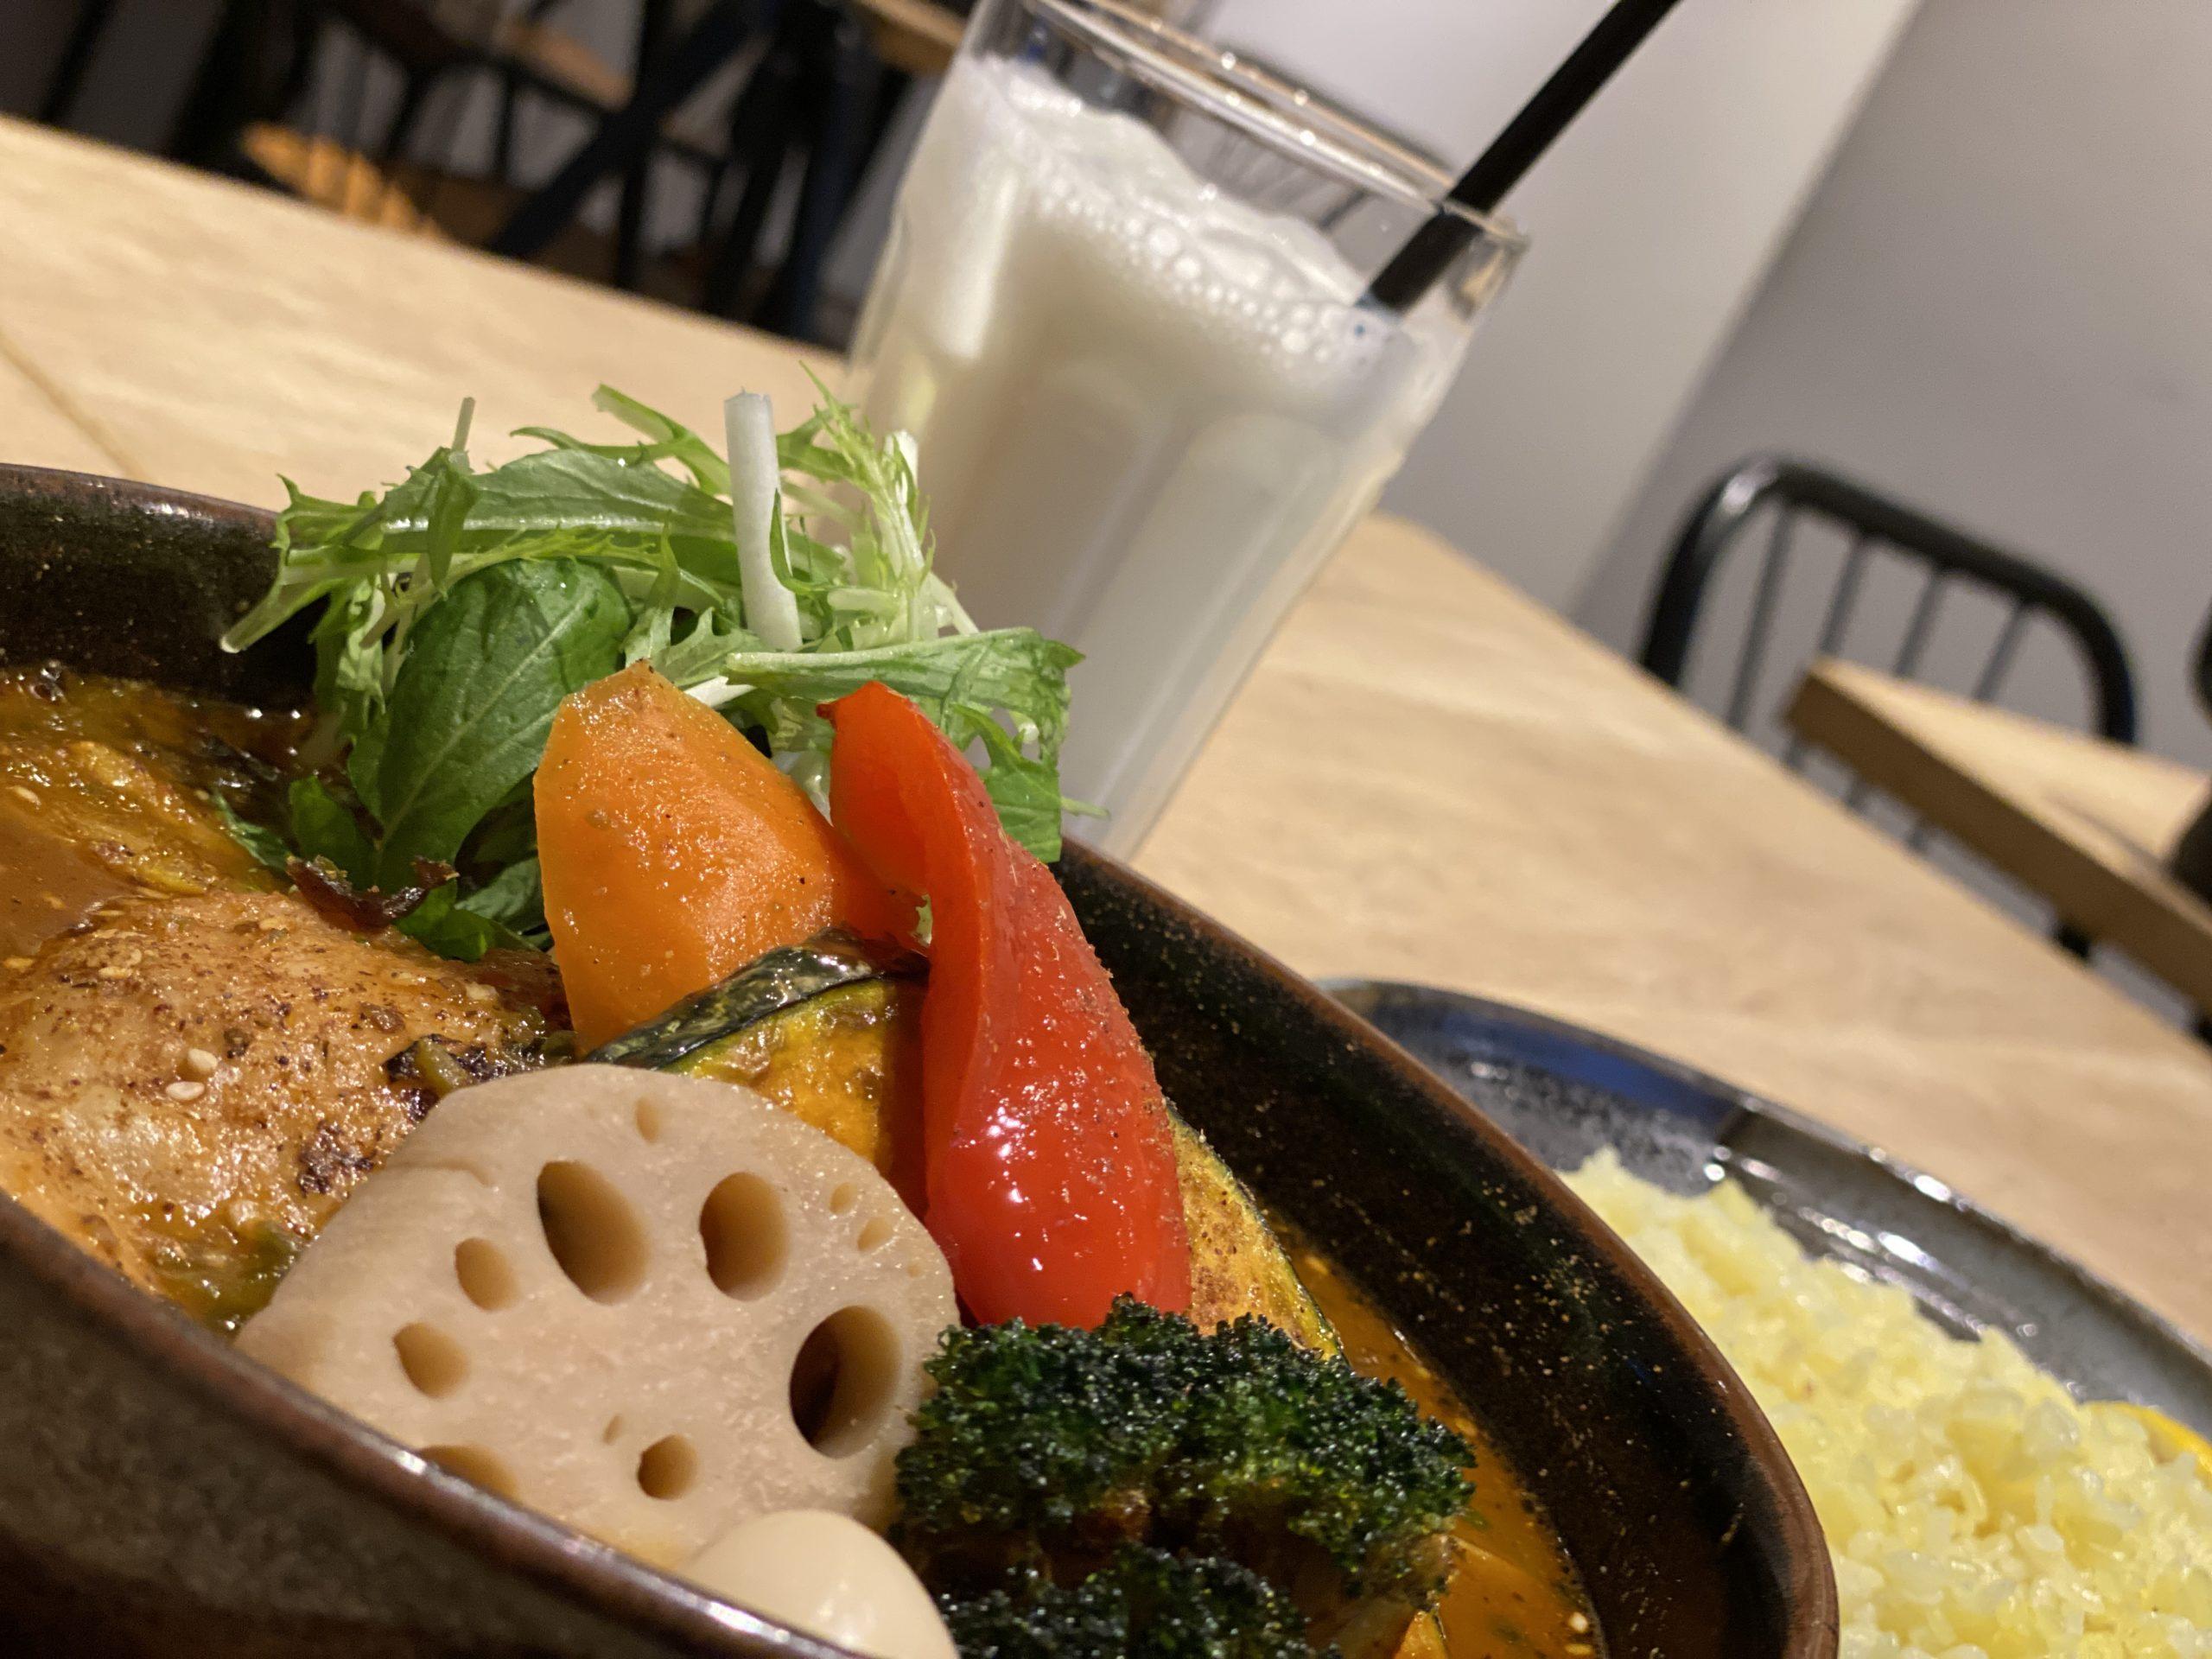 和風仕込みのハバネロ入り激辛スープカレーに挑む!!